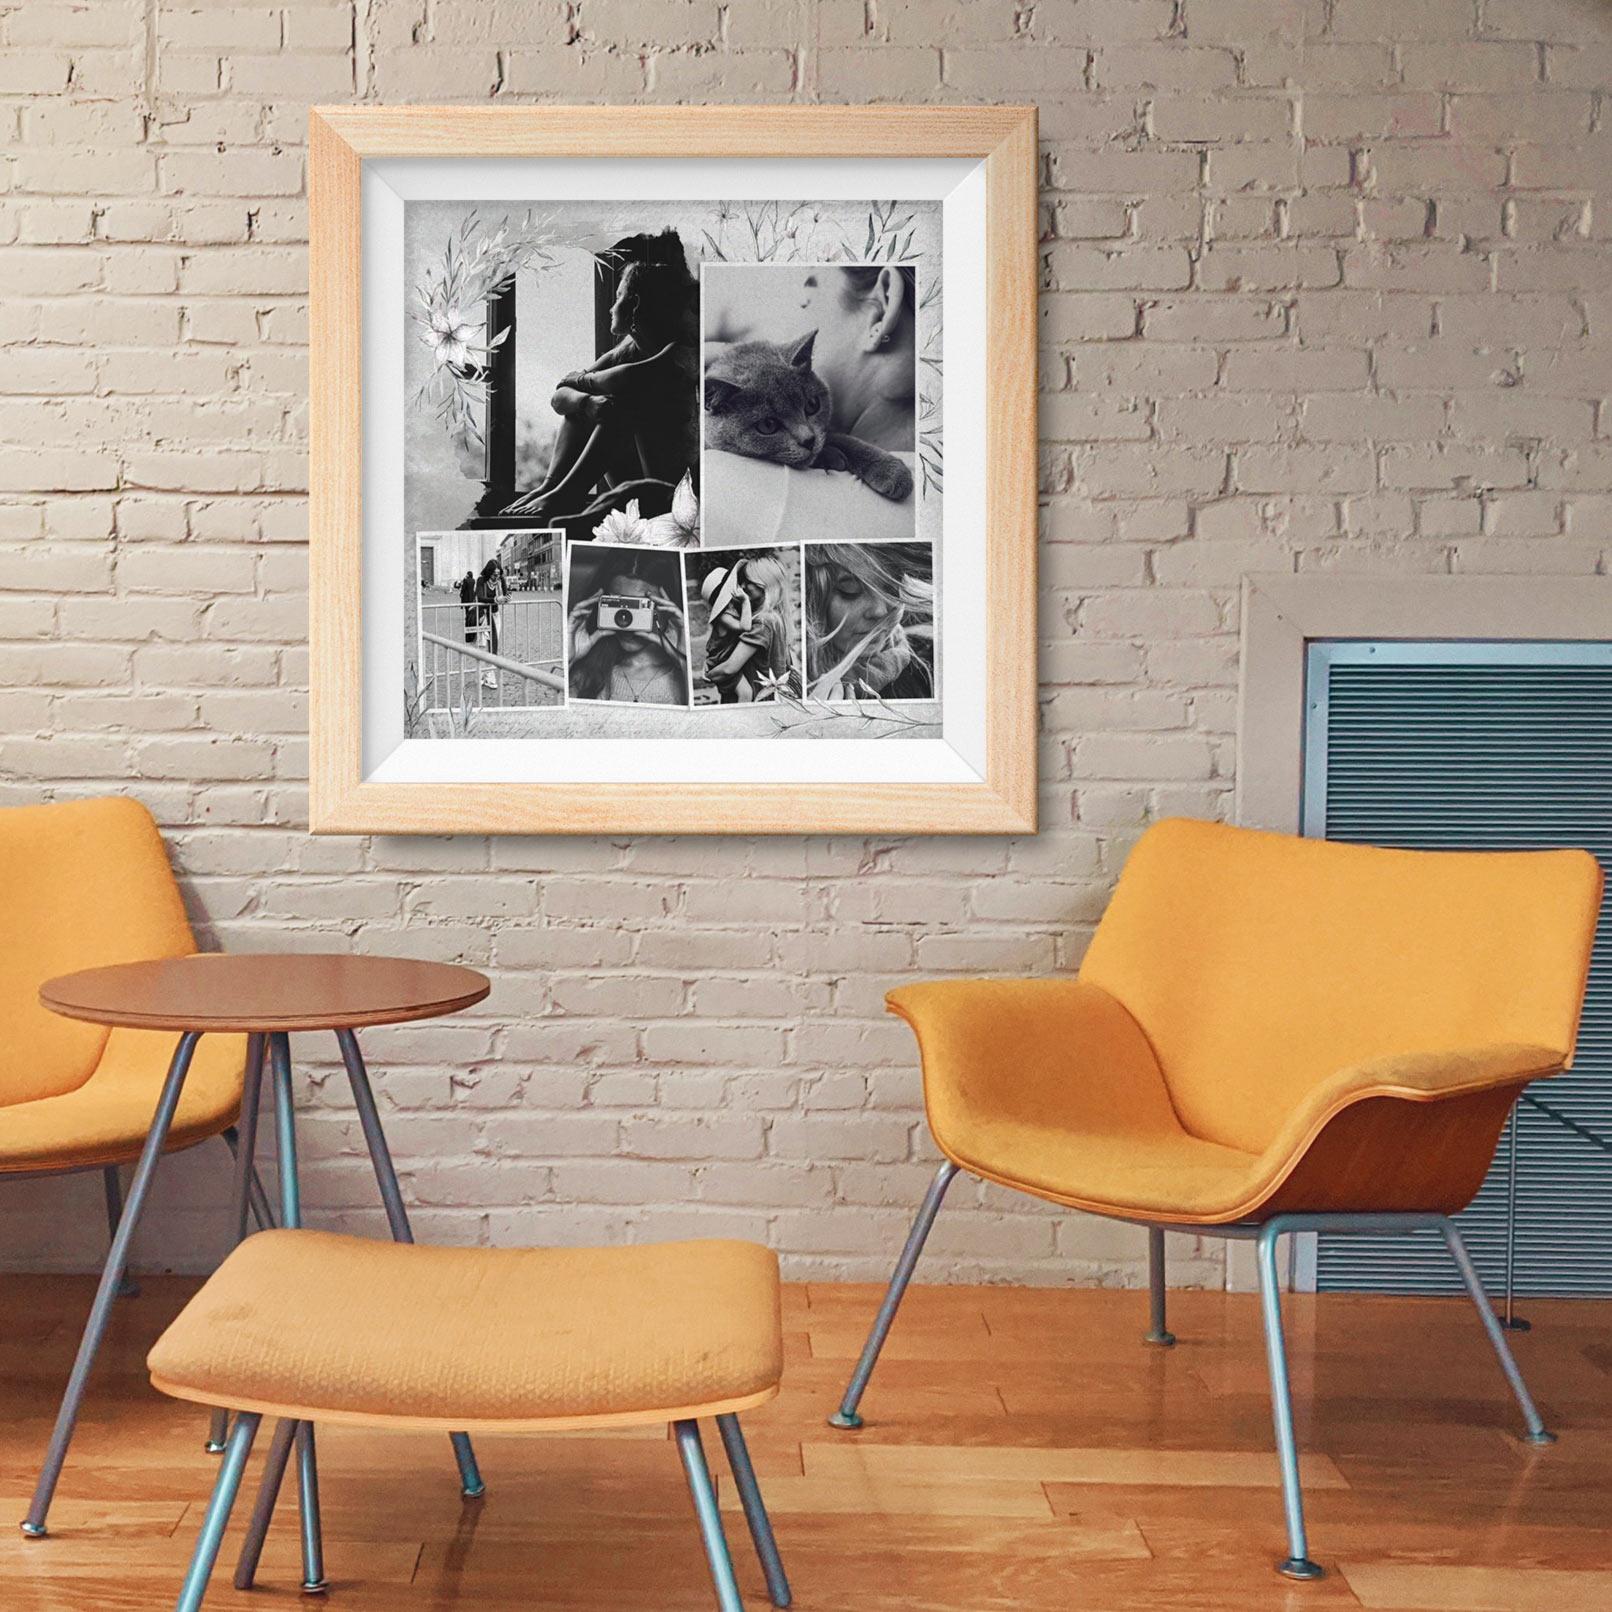 Fotocollage, eingerahmt an einer Wand